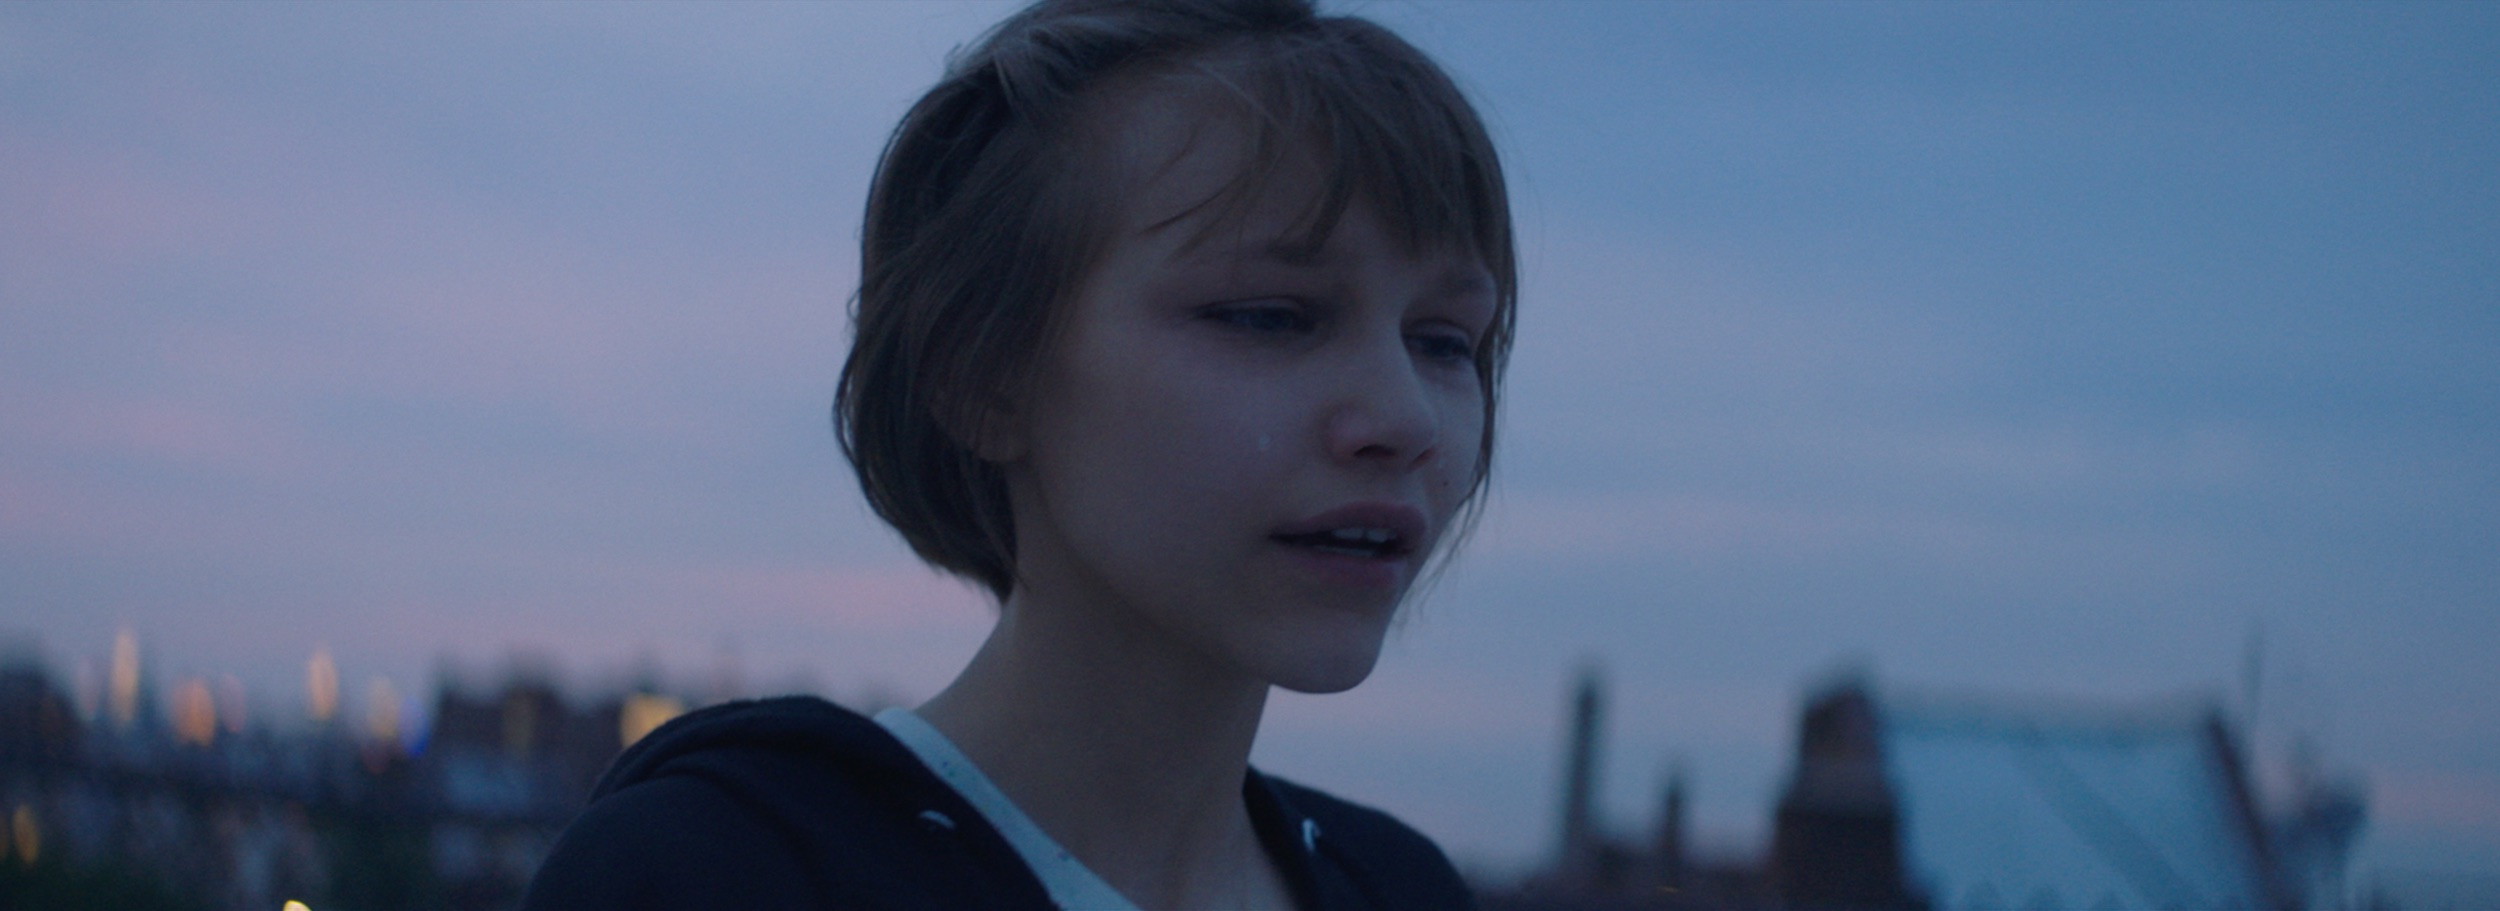 Moonlight - Grace VanderWaal